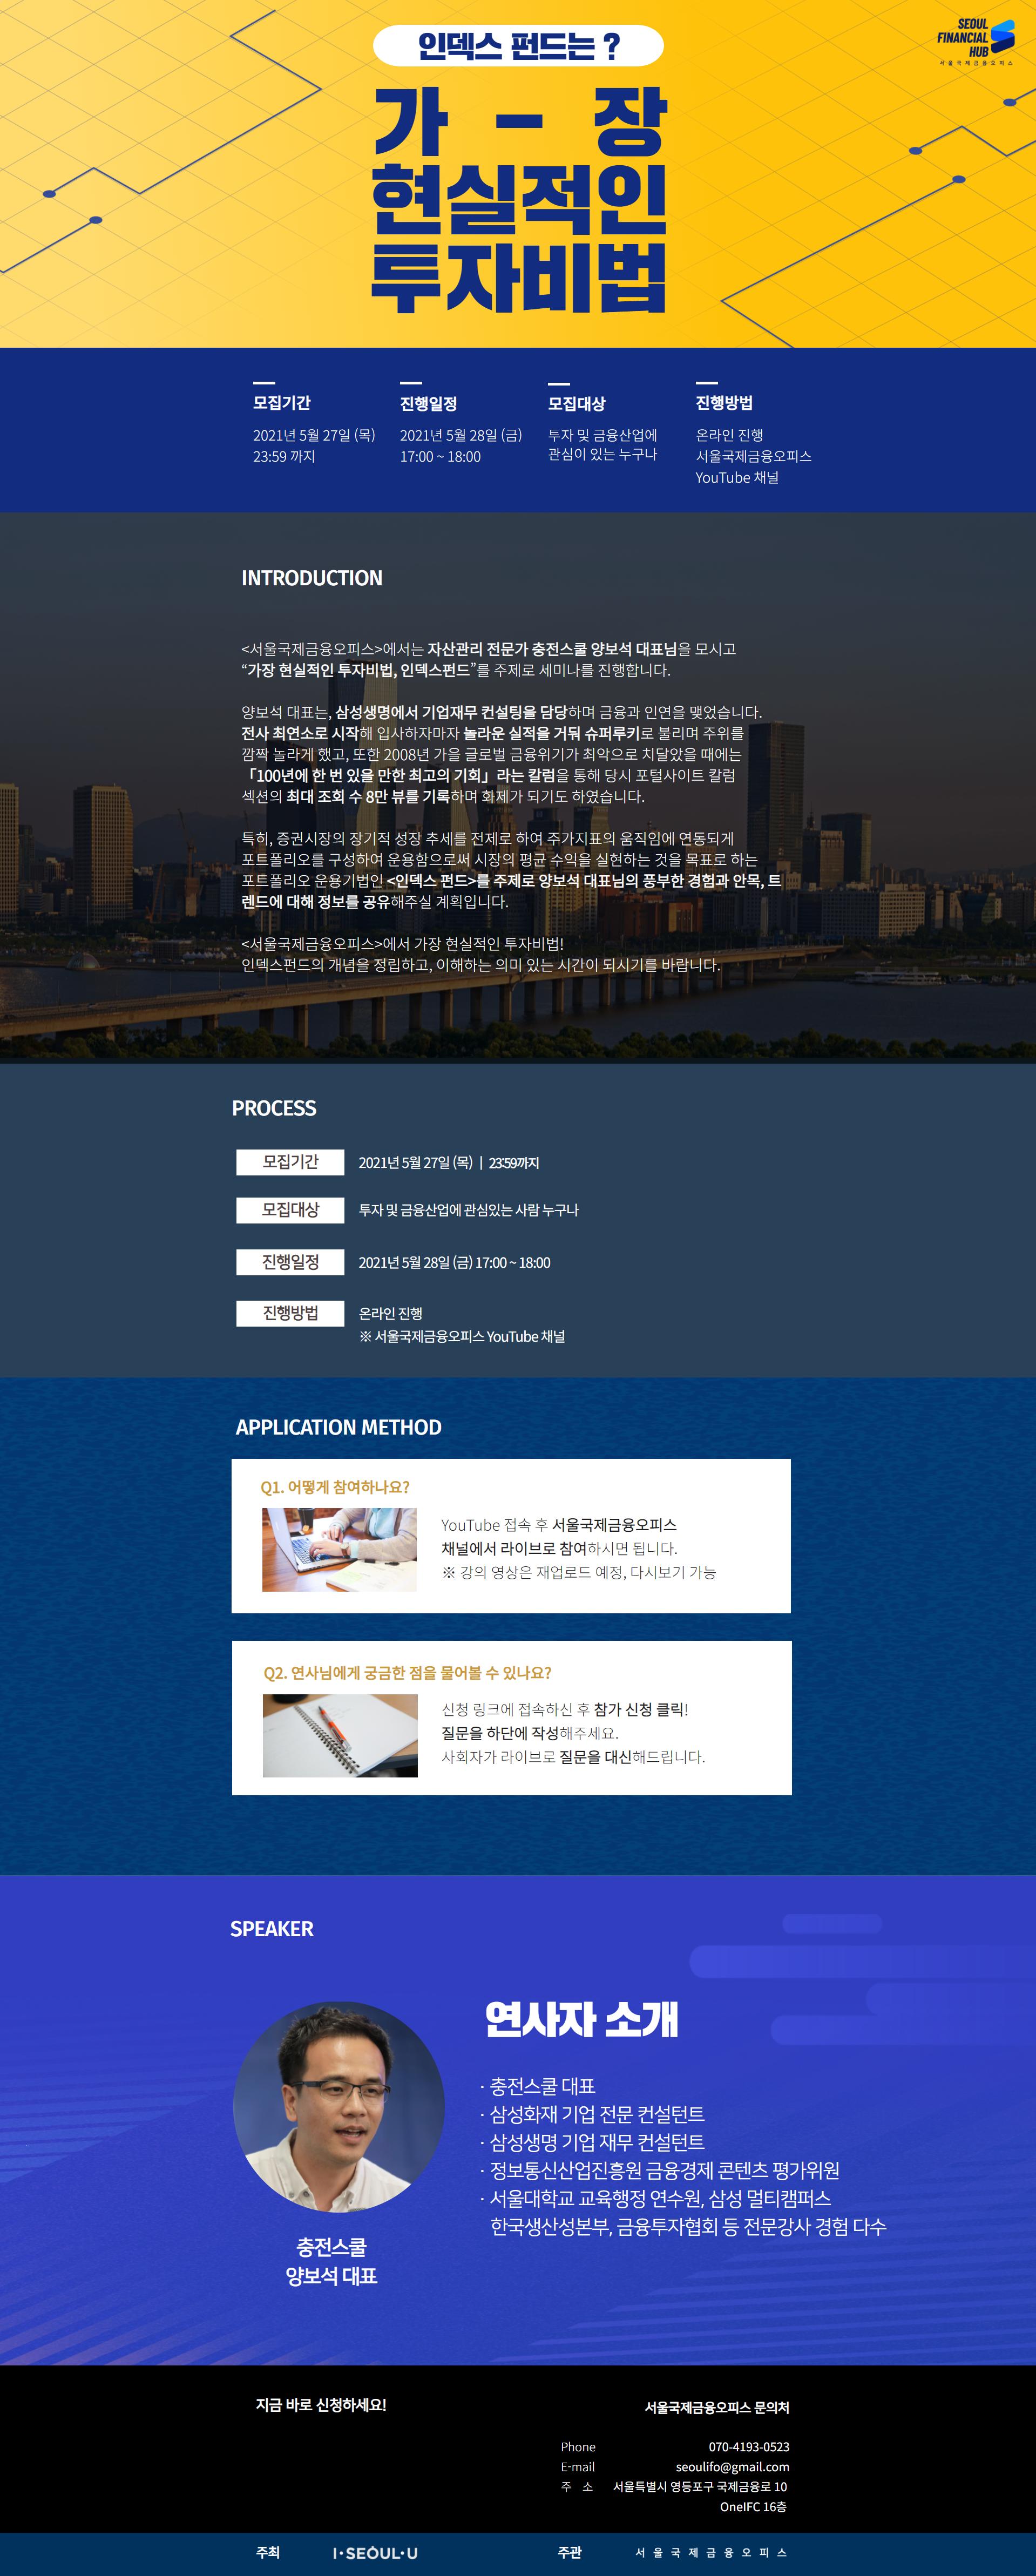 [서울국제금융오피스] 가장 현실적인 투자 비법 - 인덱스펀드